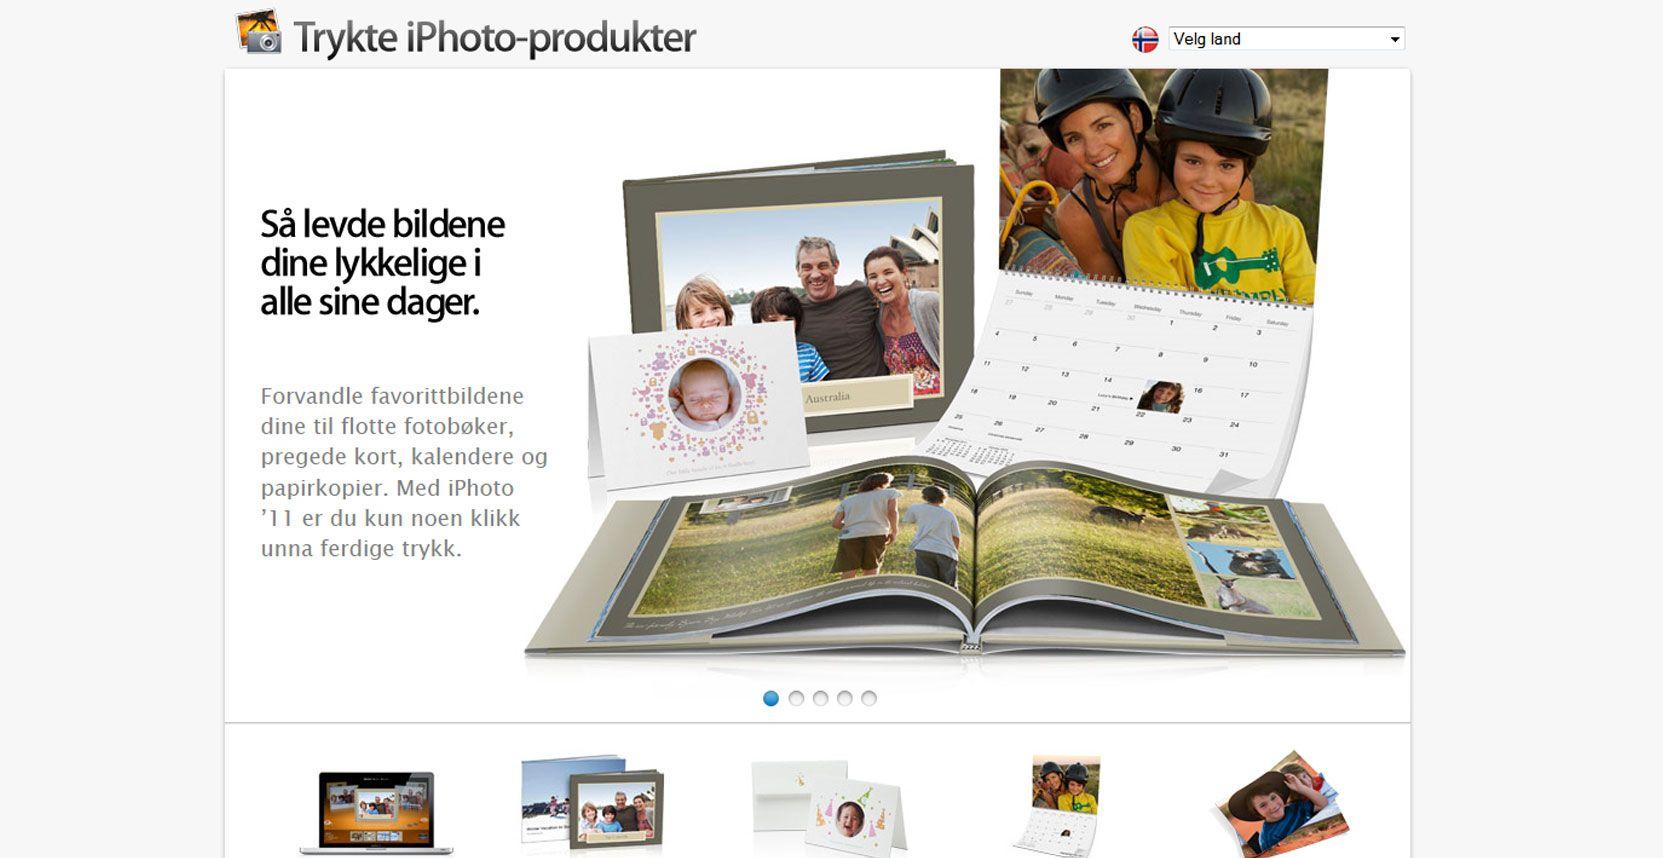 iPhoto er en tjeneste som blant annet lar deg bestille trykksaker av bildene dine - om de bare er sømmelige nok.